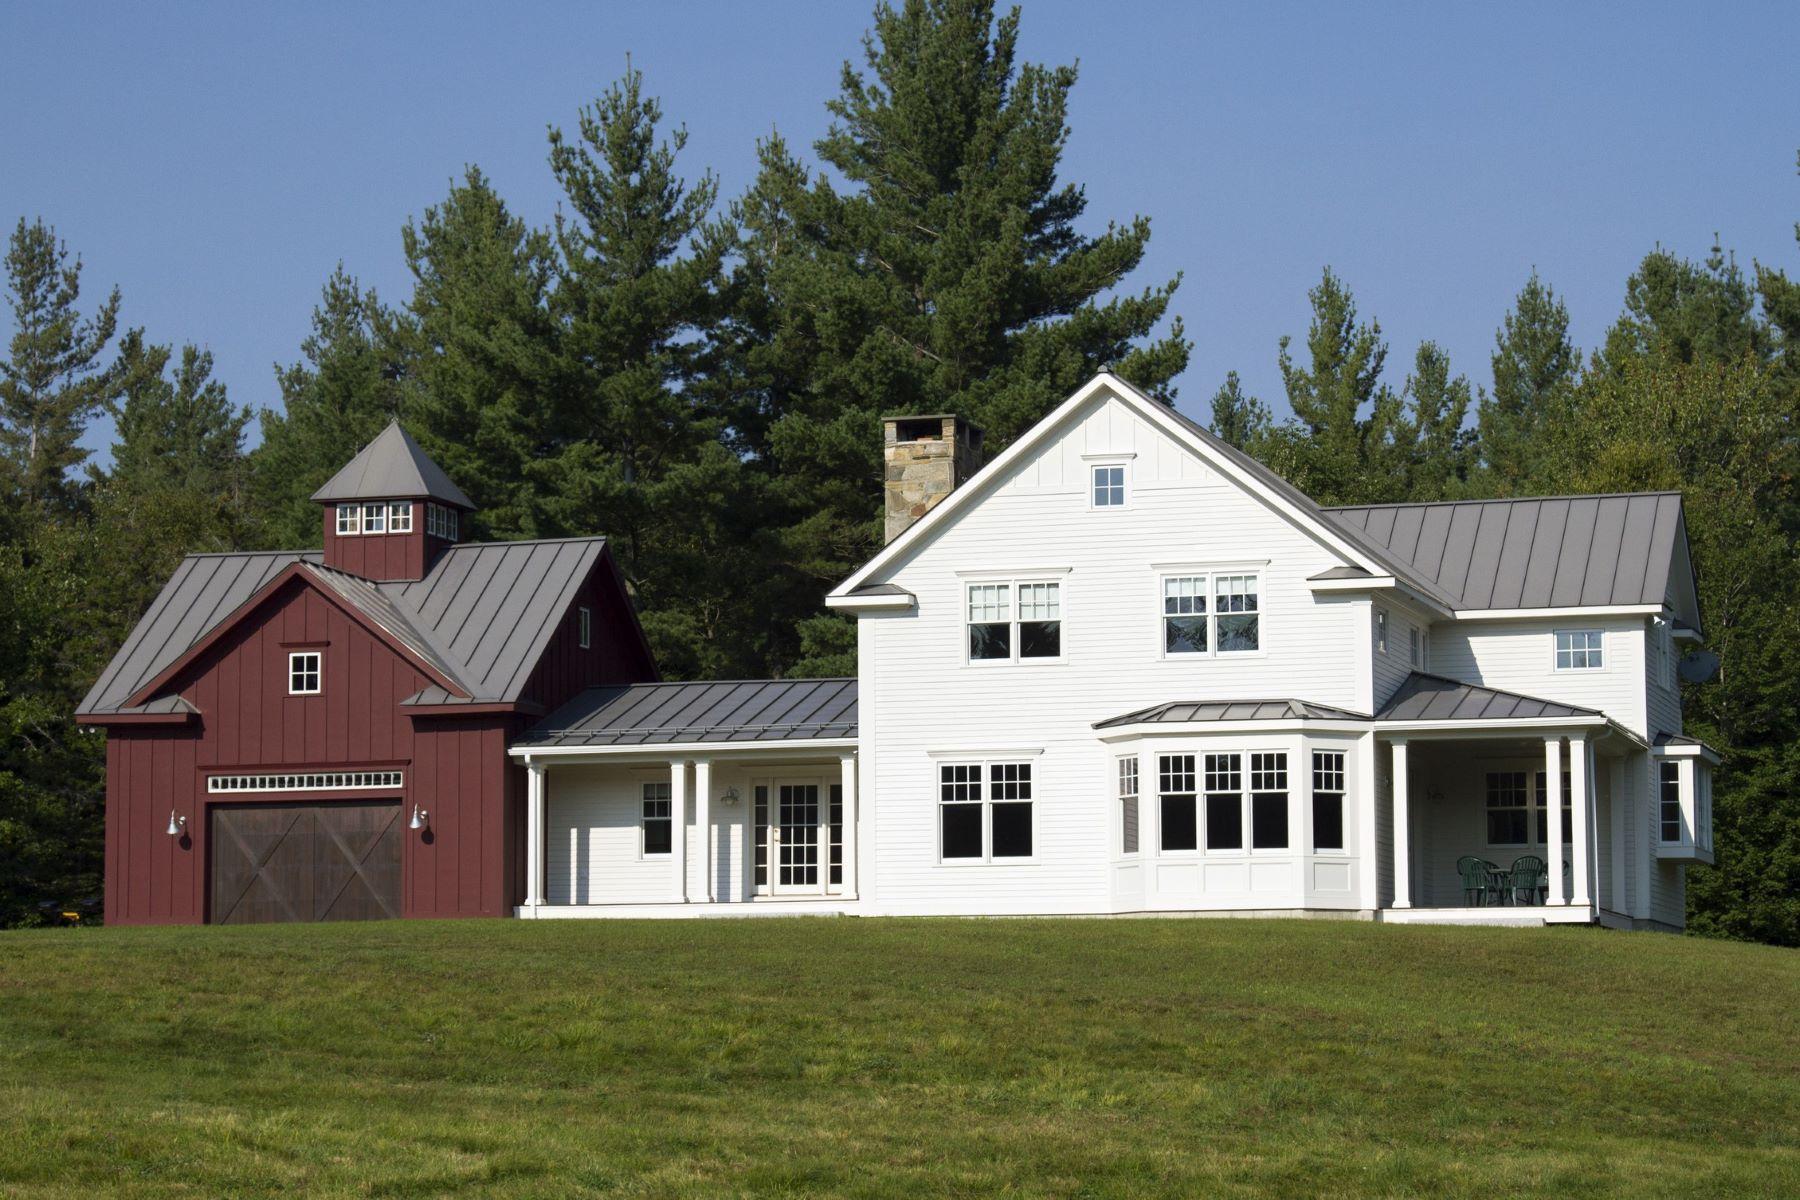 Maison unifamiliale pour l Vente à 1233 West Jamaica Road, Jamaica 1233 West Jamaica Rd Jamaica, Vermont, 05343 États-Unis